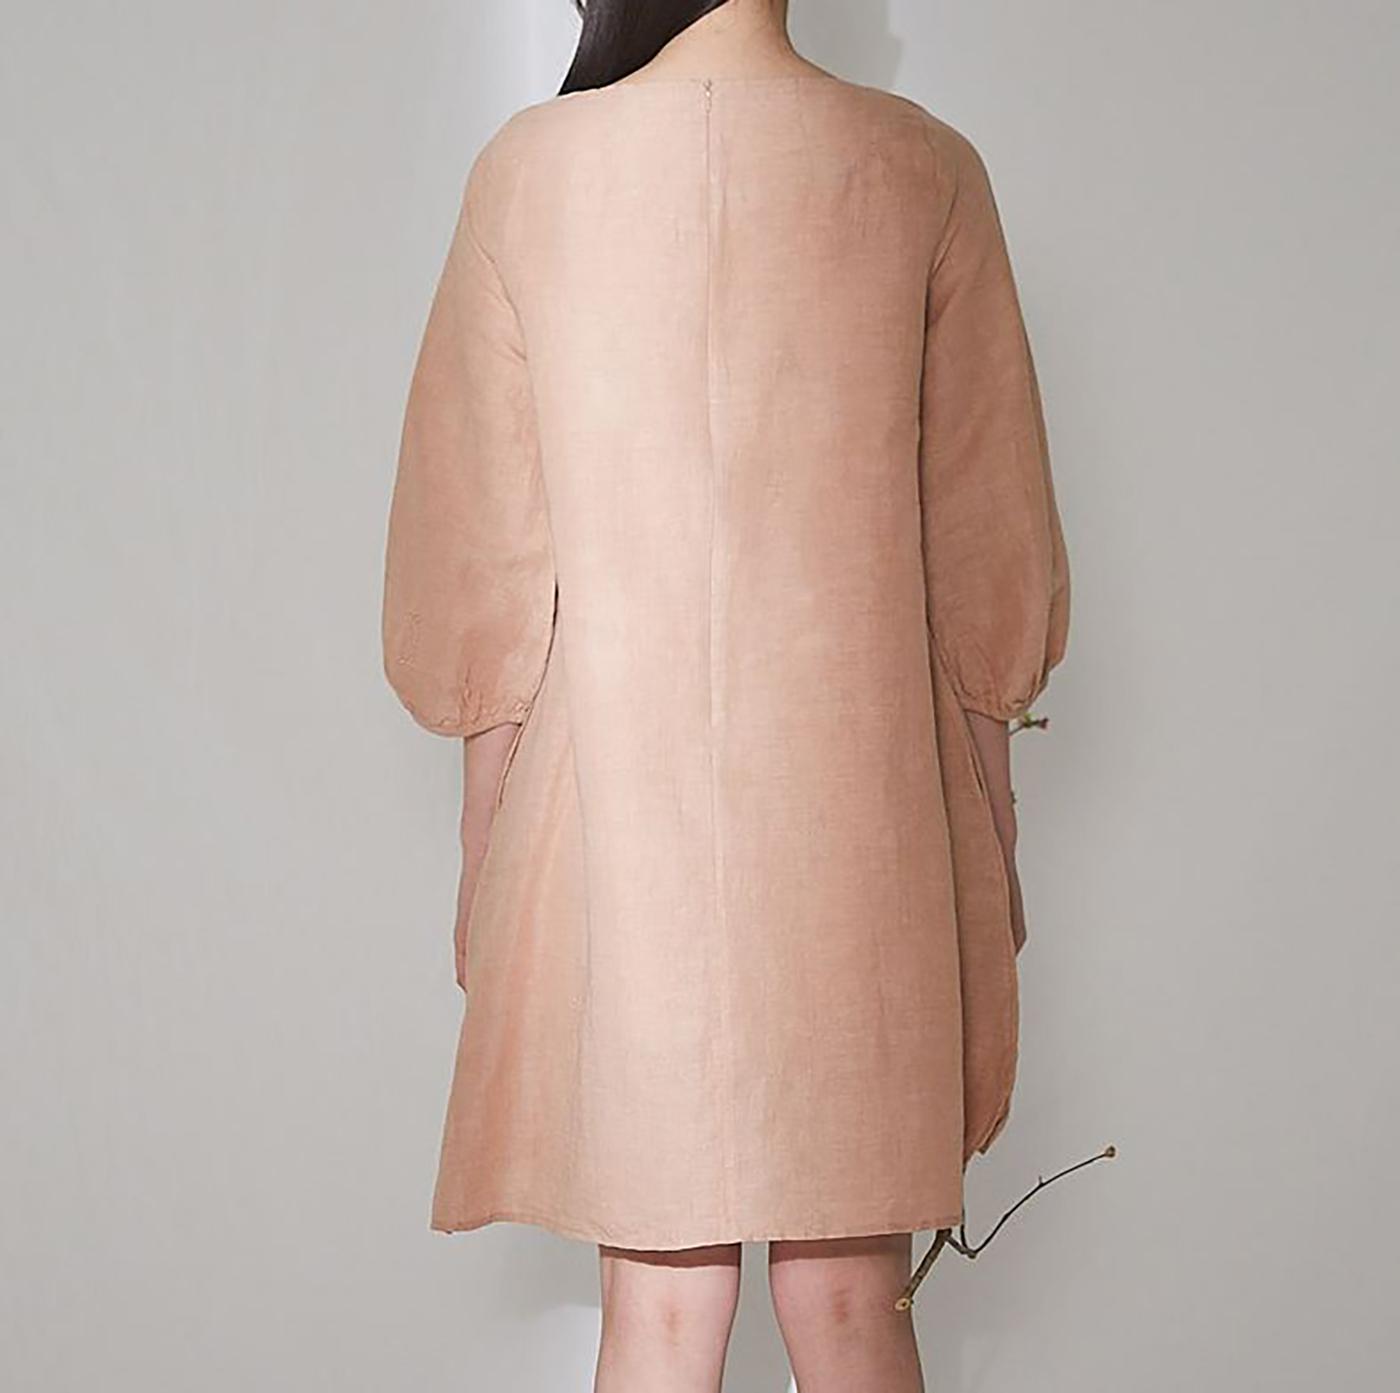 피치 치칸카리 드레스/심플하지만 사랑스러운 색감이 특징인 피치 치칸카리 드레스 상세이미지3